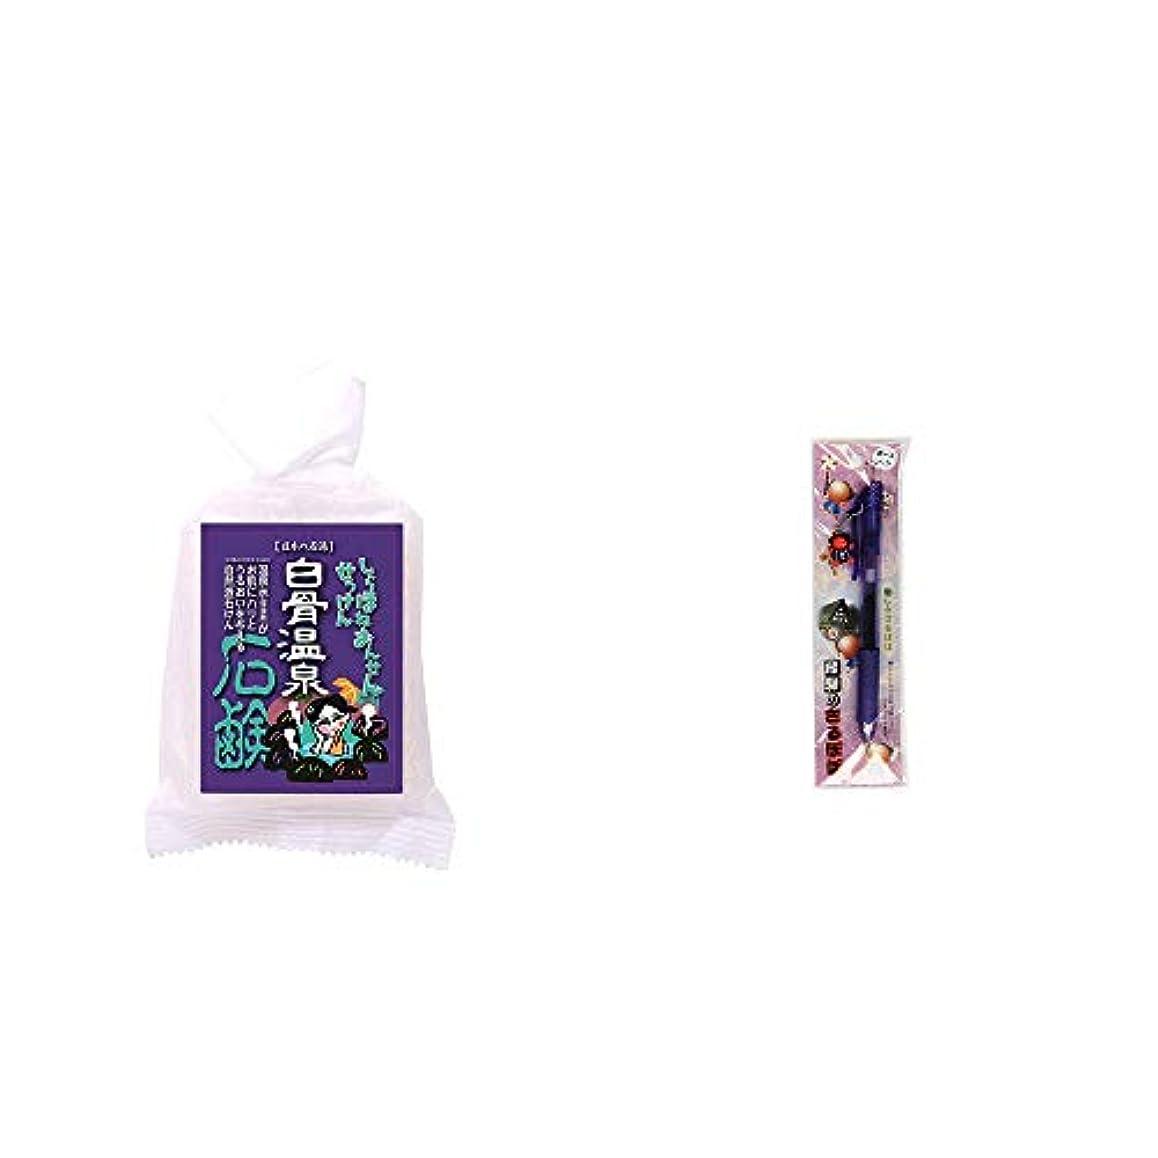 ヘリコプター周り飲食店[2点セット] 信州 白骨温泉石鹸(80g)?さるぼぼ 癒しボールペン 【パープル】